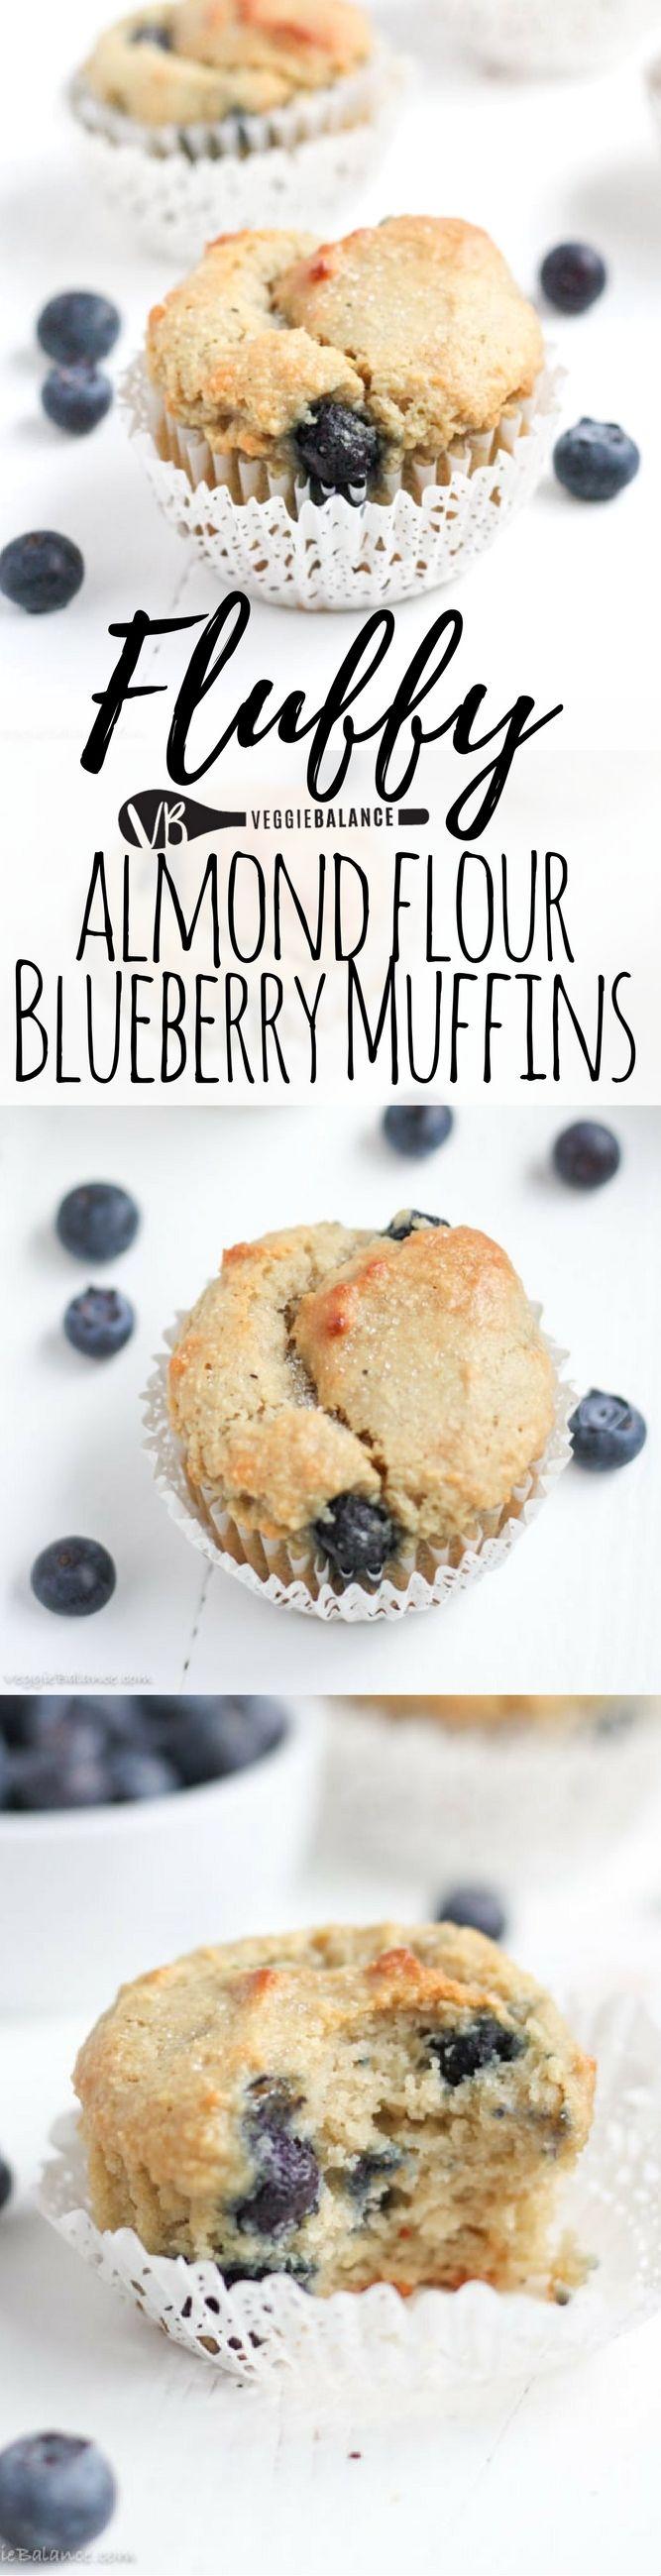 Gluten Free Blueberry Muffins (With Almond Flour) - Veggie Balance